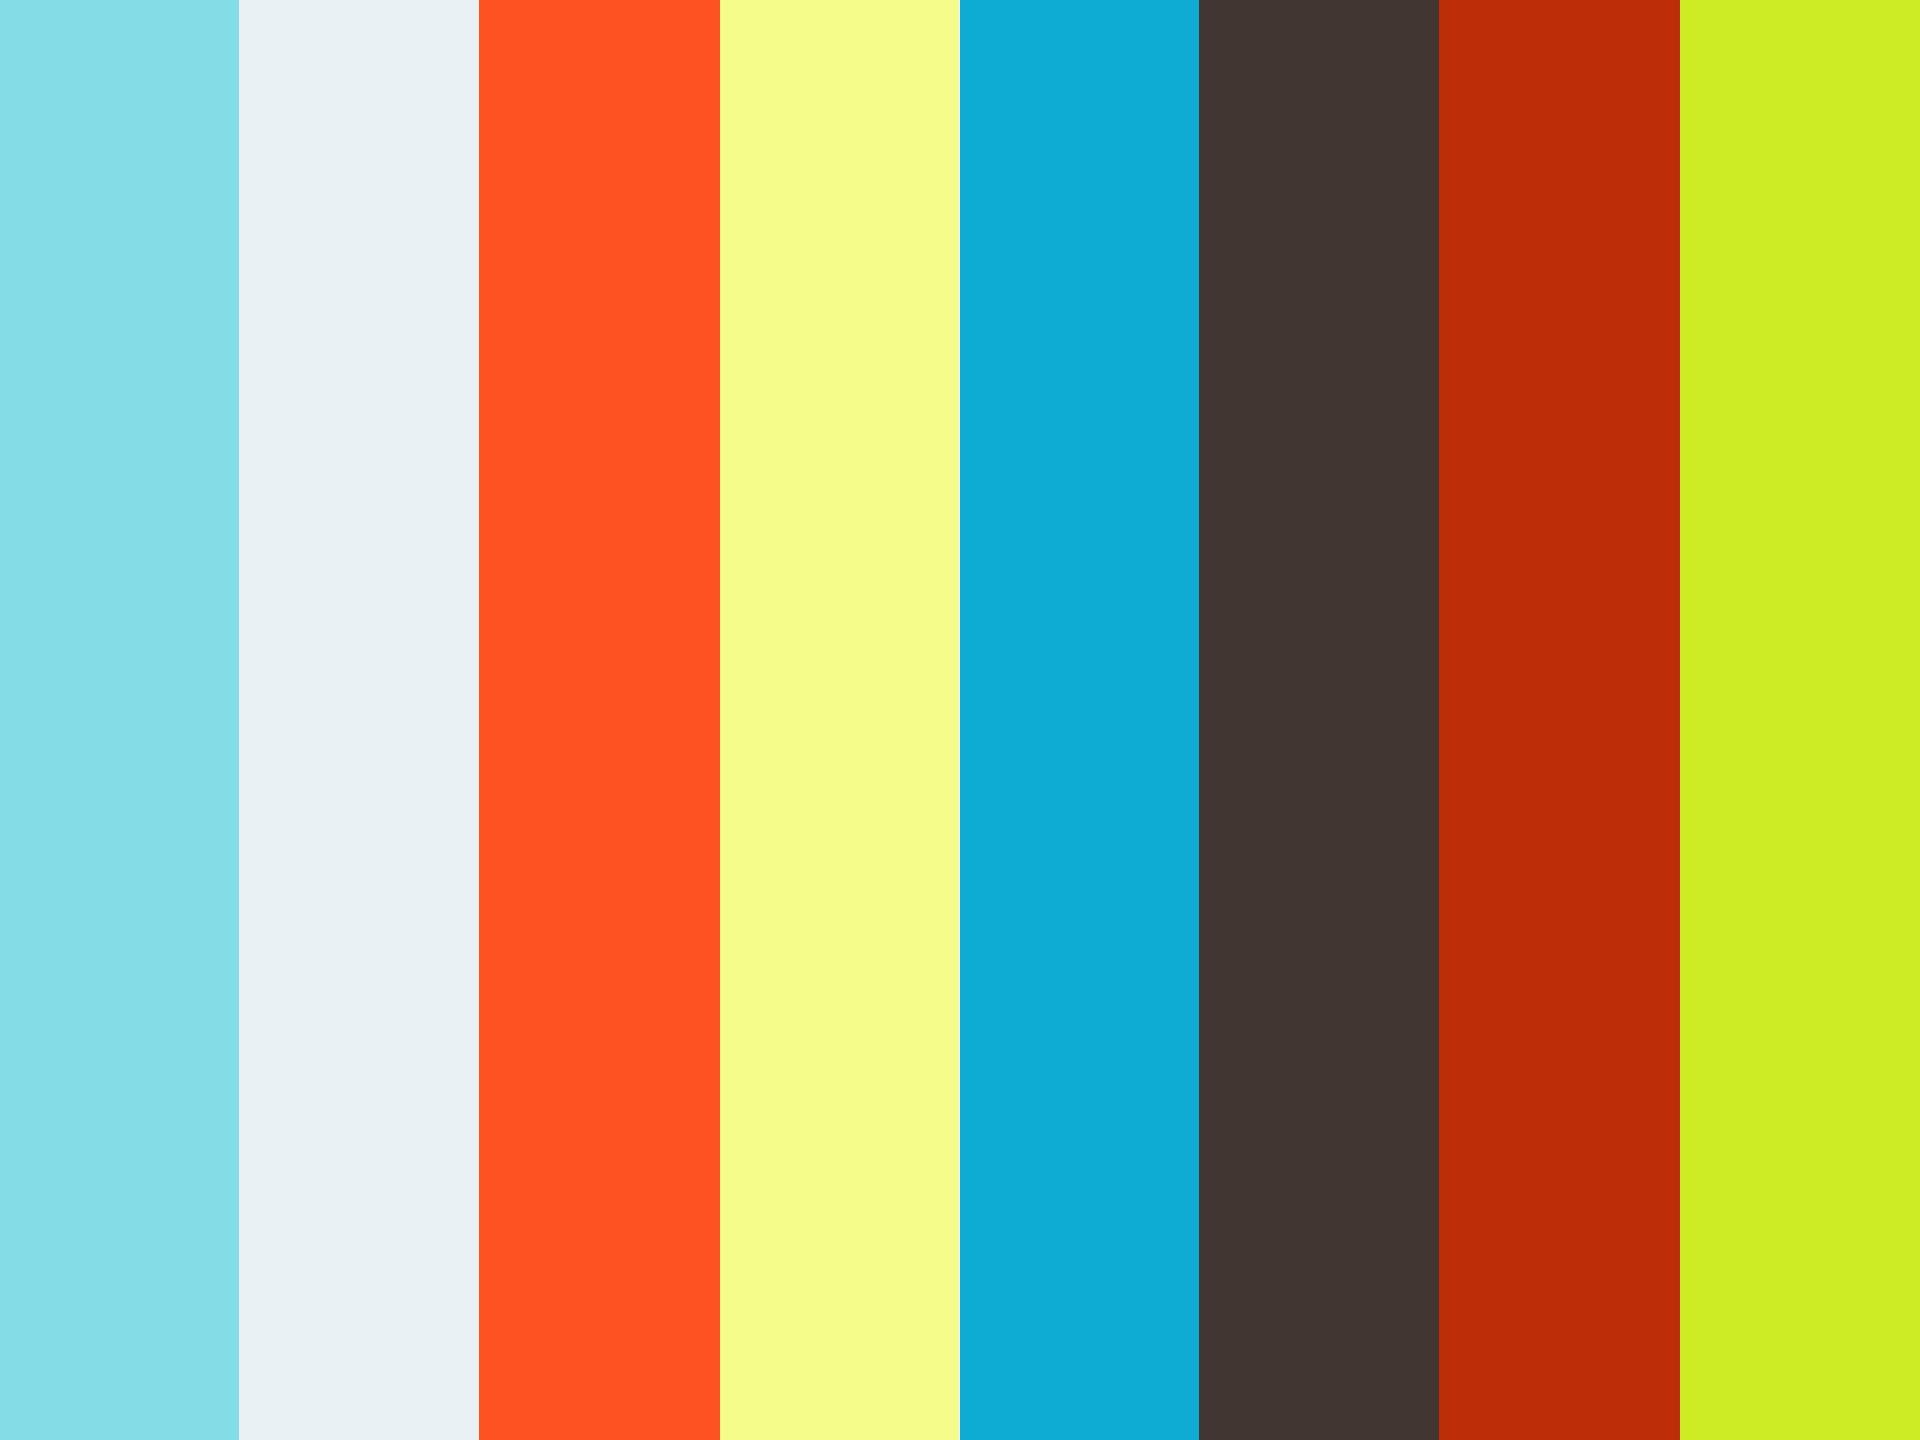 【シリーズ】内山徹哉先生:⑨補綴を考慮した隔壁から根管治療、post & coreへの流れ